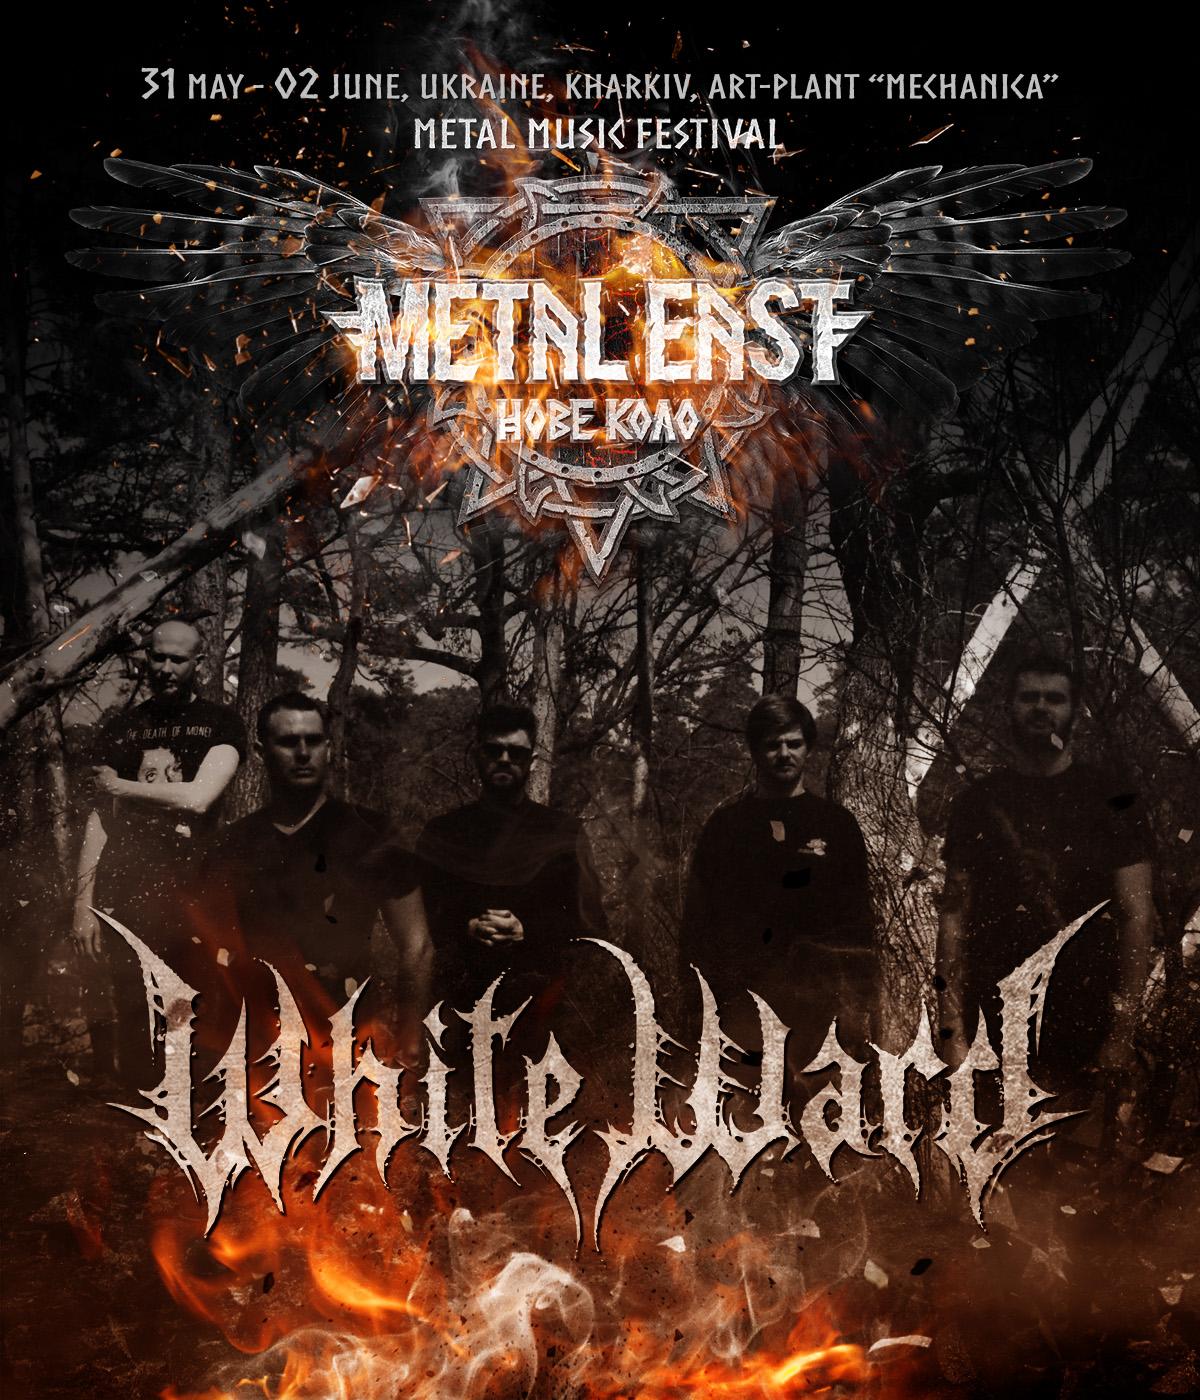 WHITE WARD з 31 травня по 2 червня 2019 року на фестивалі Metal East Нове Коло